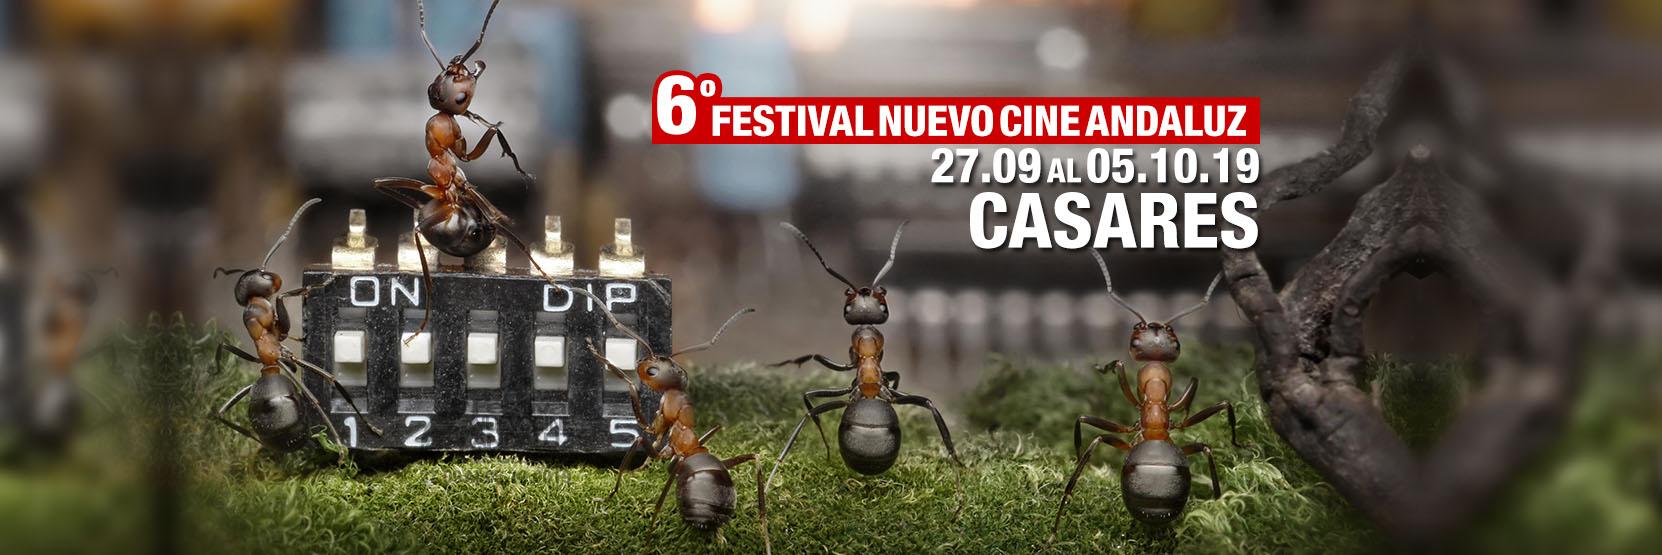 VI Festival Nuevo Cine Andaluz, Casares, 2019